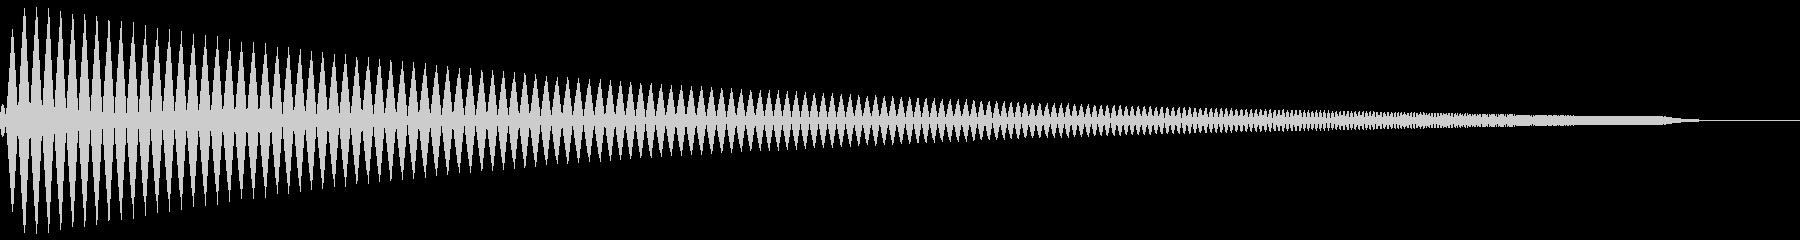 ジャンプ (ピィーン)の未再生の波形